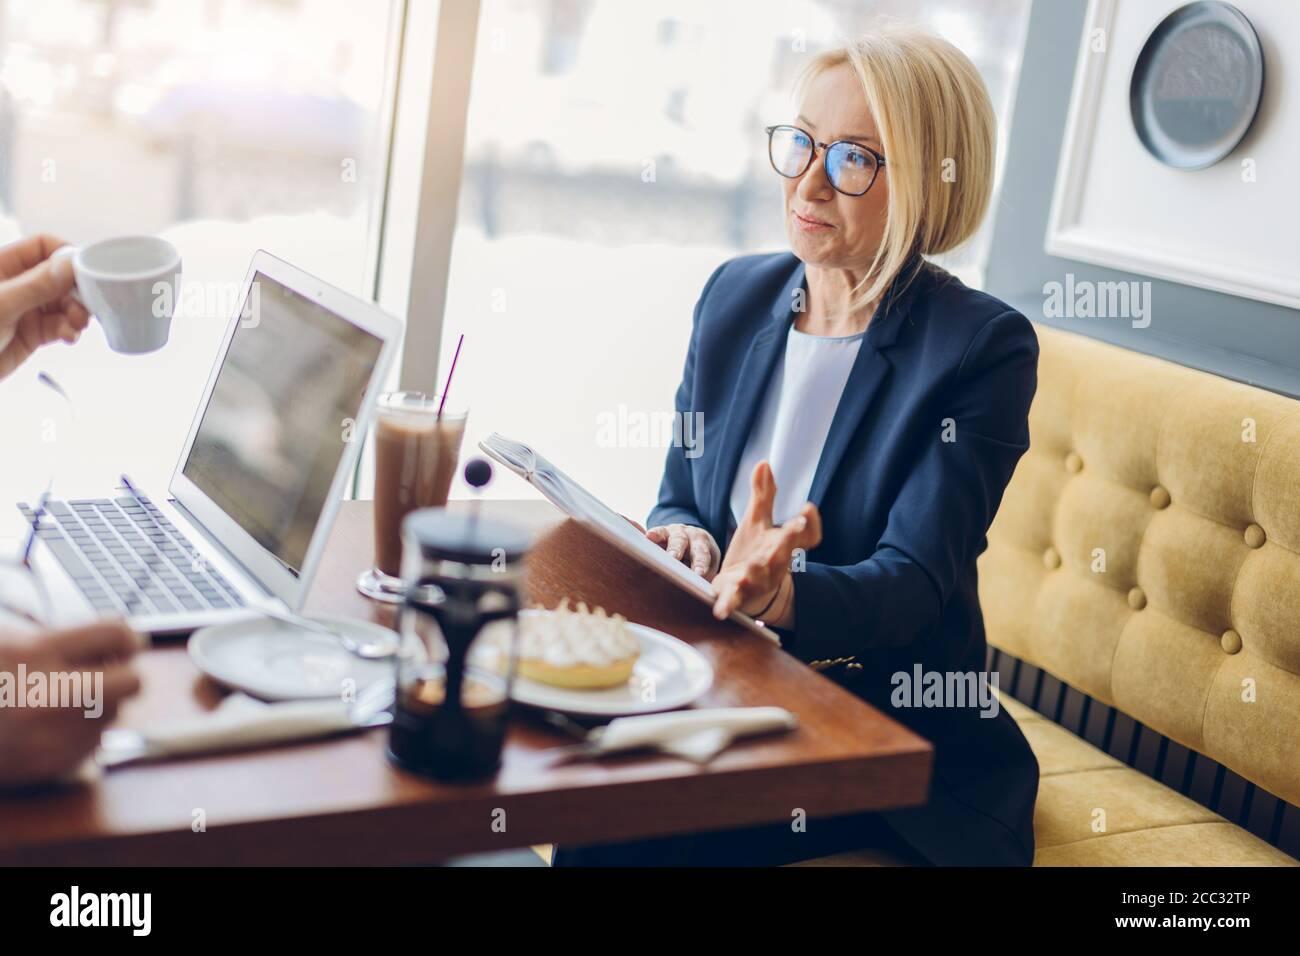 mujer de negocios de éxito compartiendo con sus secretos de negocio. de cerca vista lateral foto. mujer de edad encantadora hablando con un cliente en el café Foto de stock